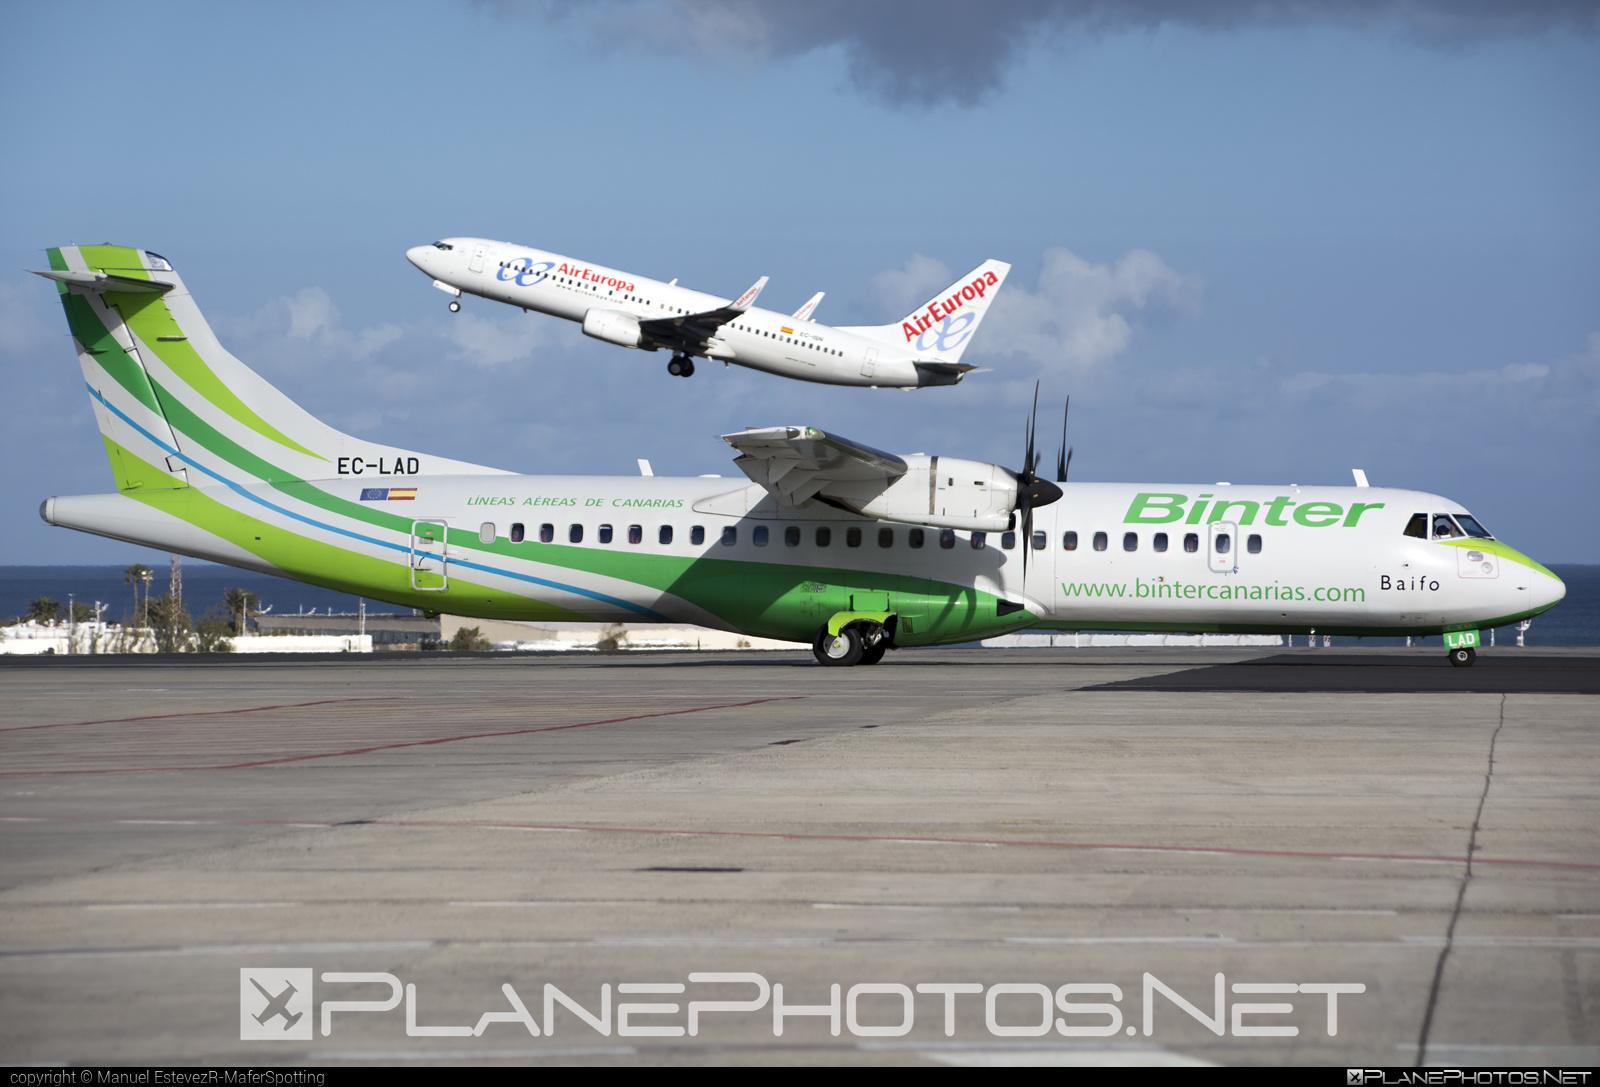 ATR 72-212A - EC-LAD operated by Binter Canarias #atr